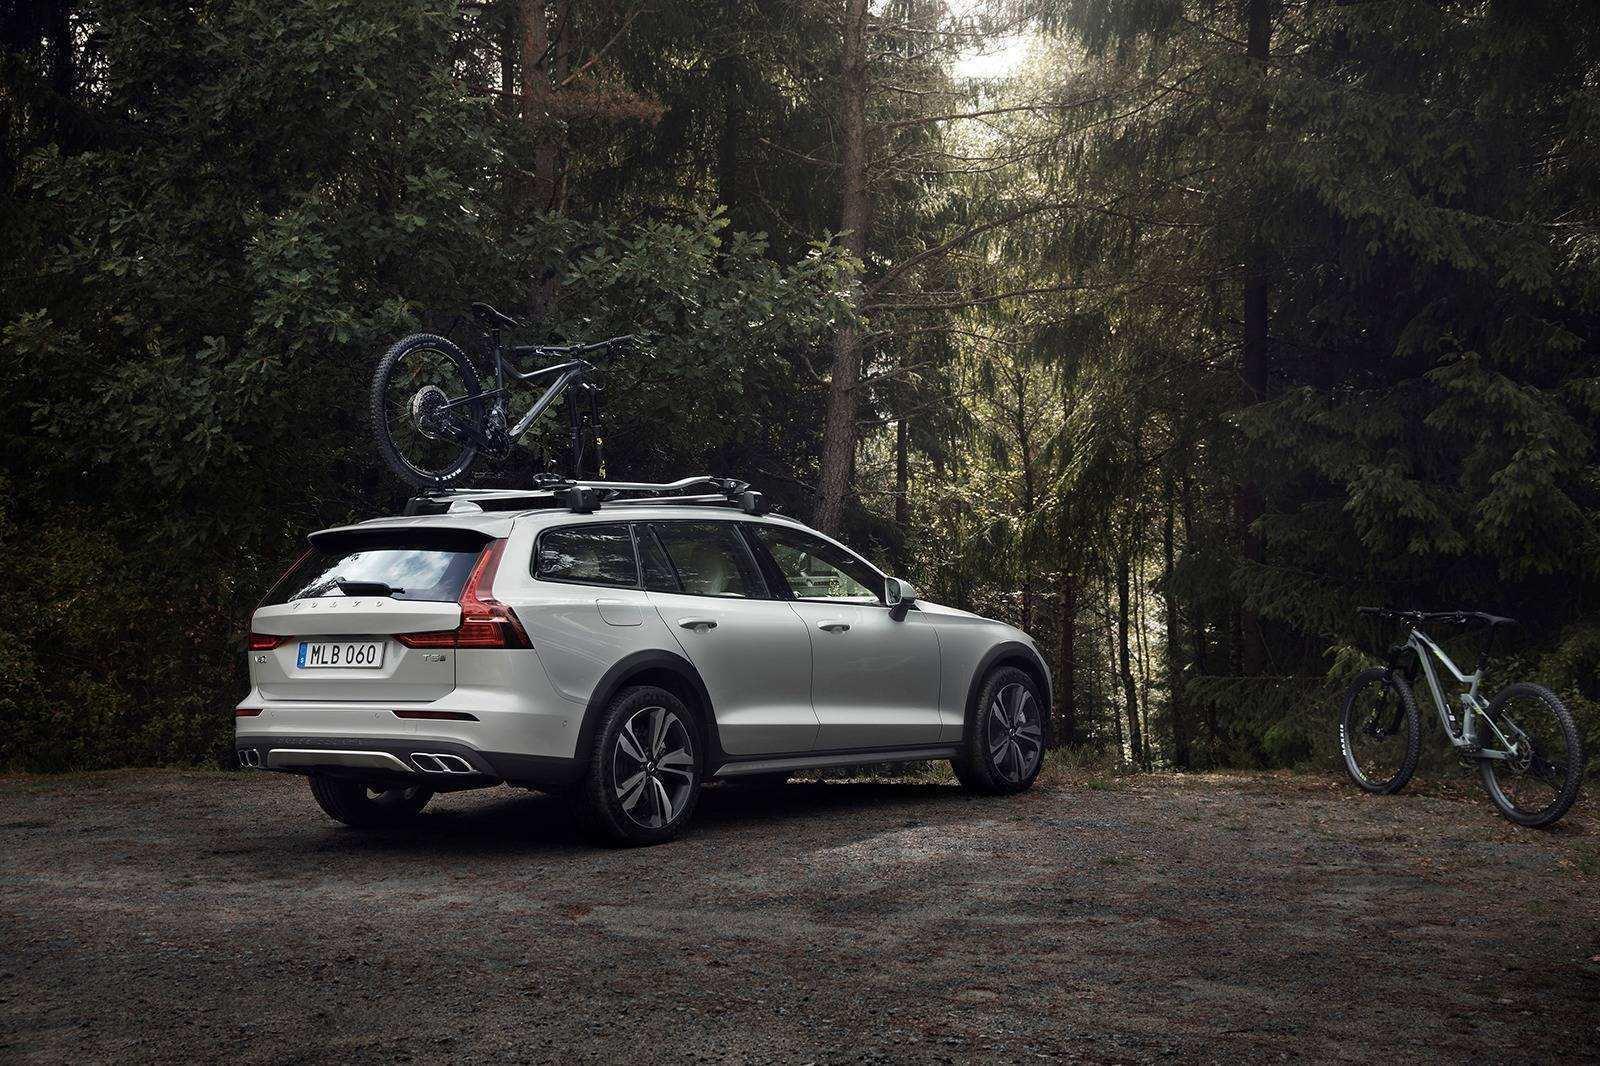 72 Best Review 2020 Volvo V70 2018 New Review for 2020 Volvo V70 2018